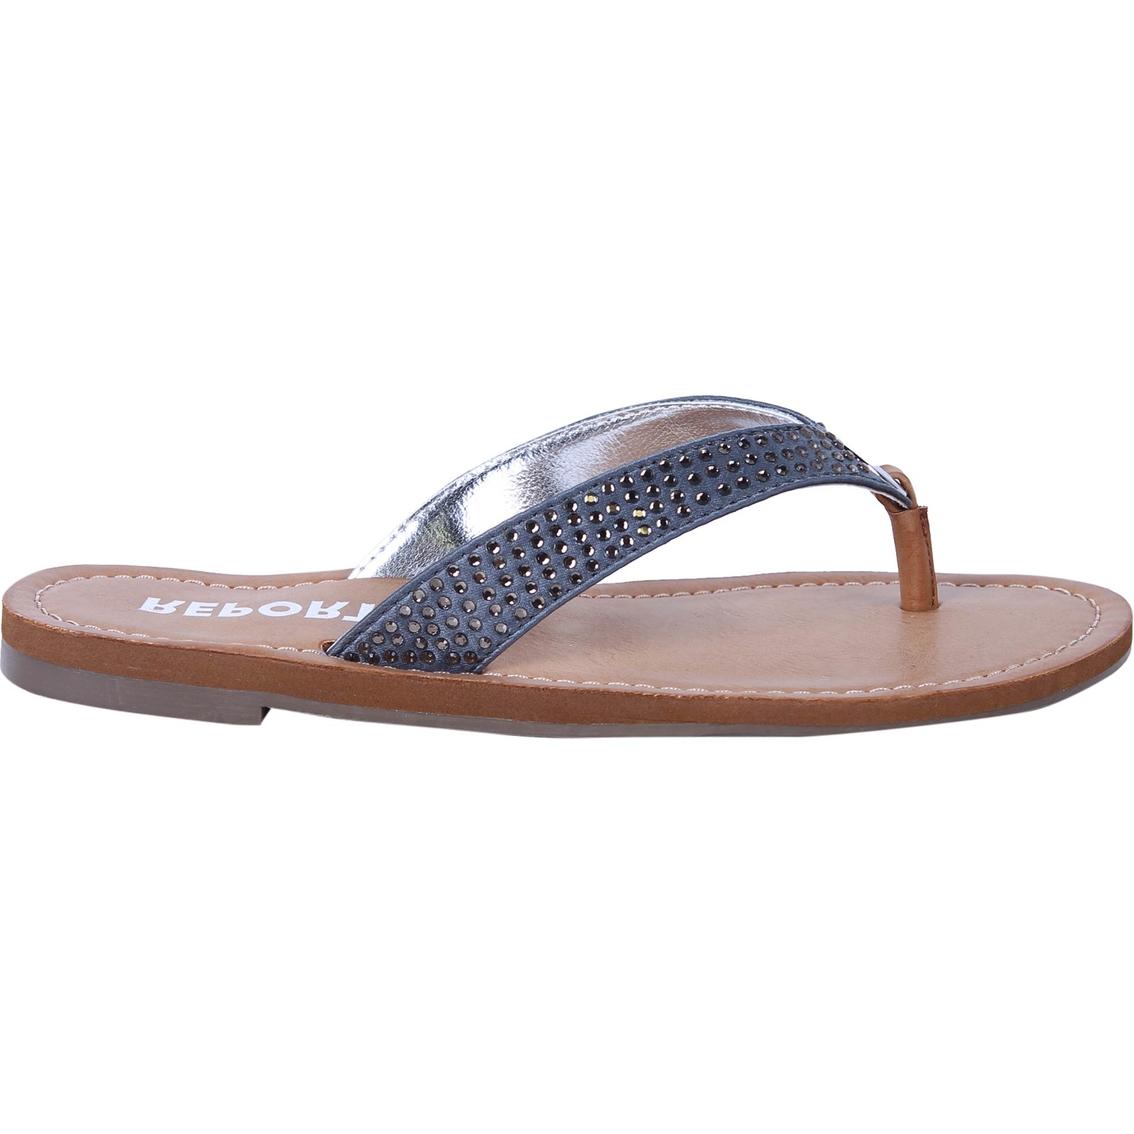 c65c826dc1e0 Report Women s Shaylynn Gem Thong Sandals